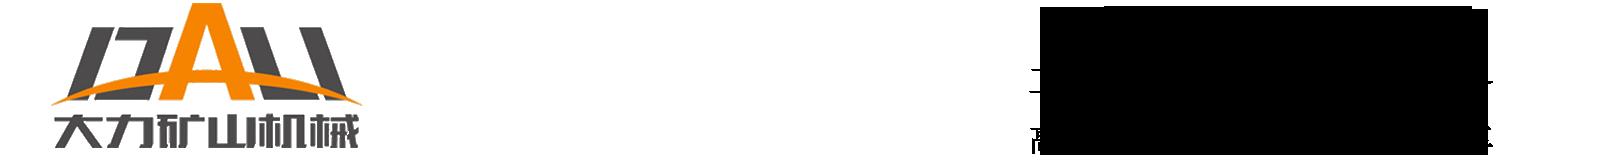 铲运机,电动铲运机,内燃机铲运机,选矿设备 -栖霞市大力矿山机械有限公司